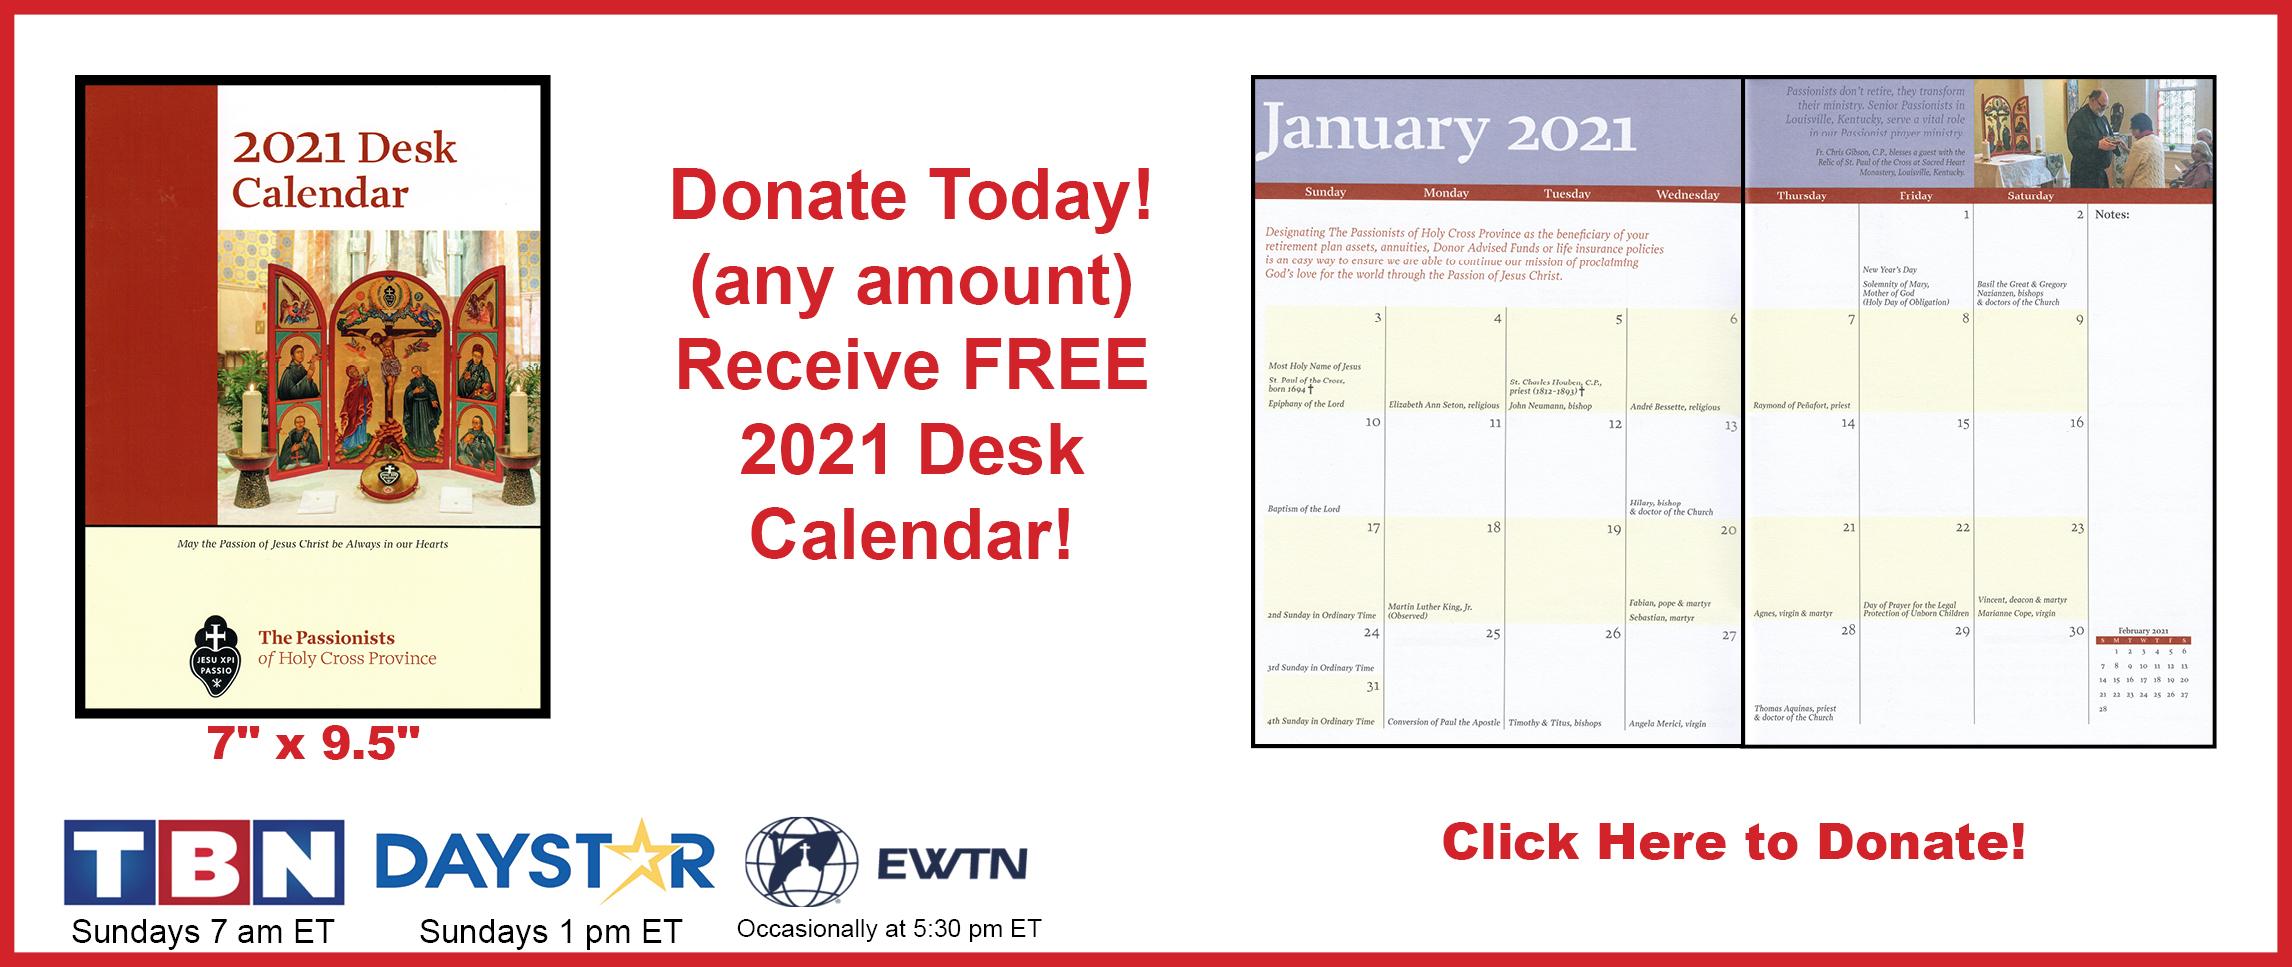 calendar-donate.jpg